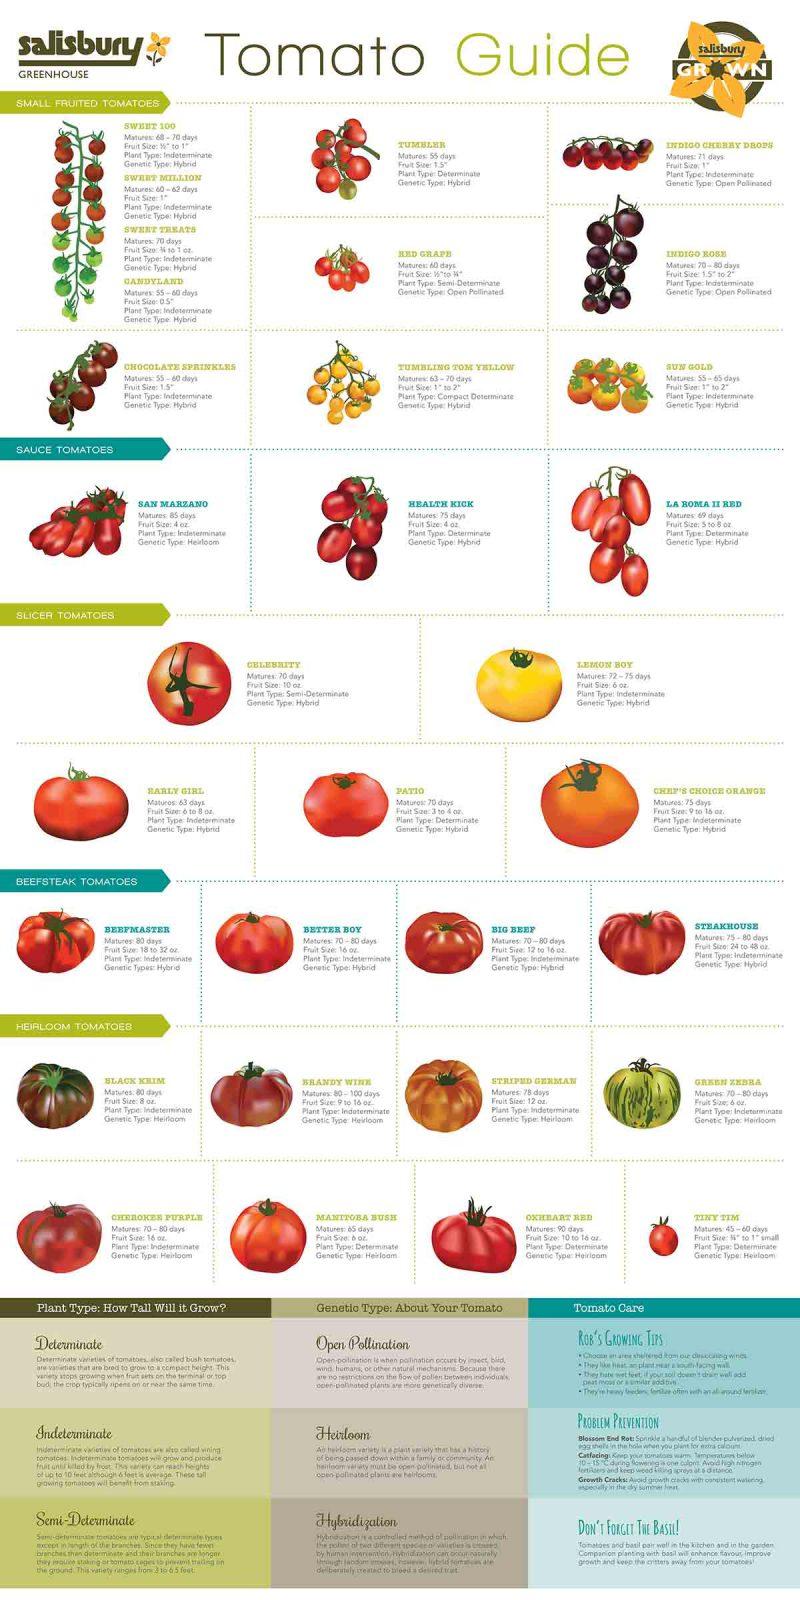 Salisbury Tomatoes